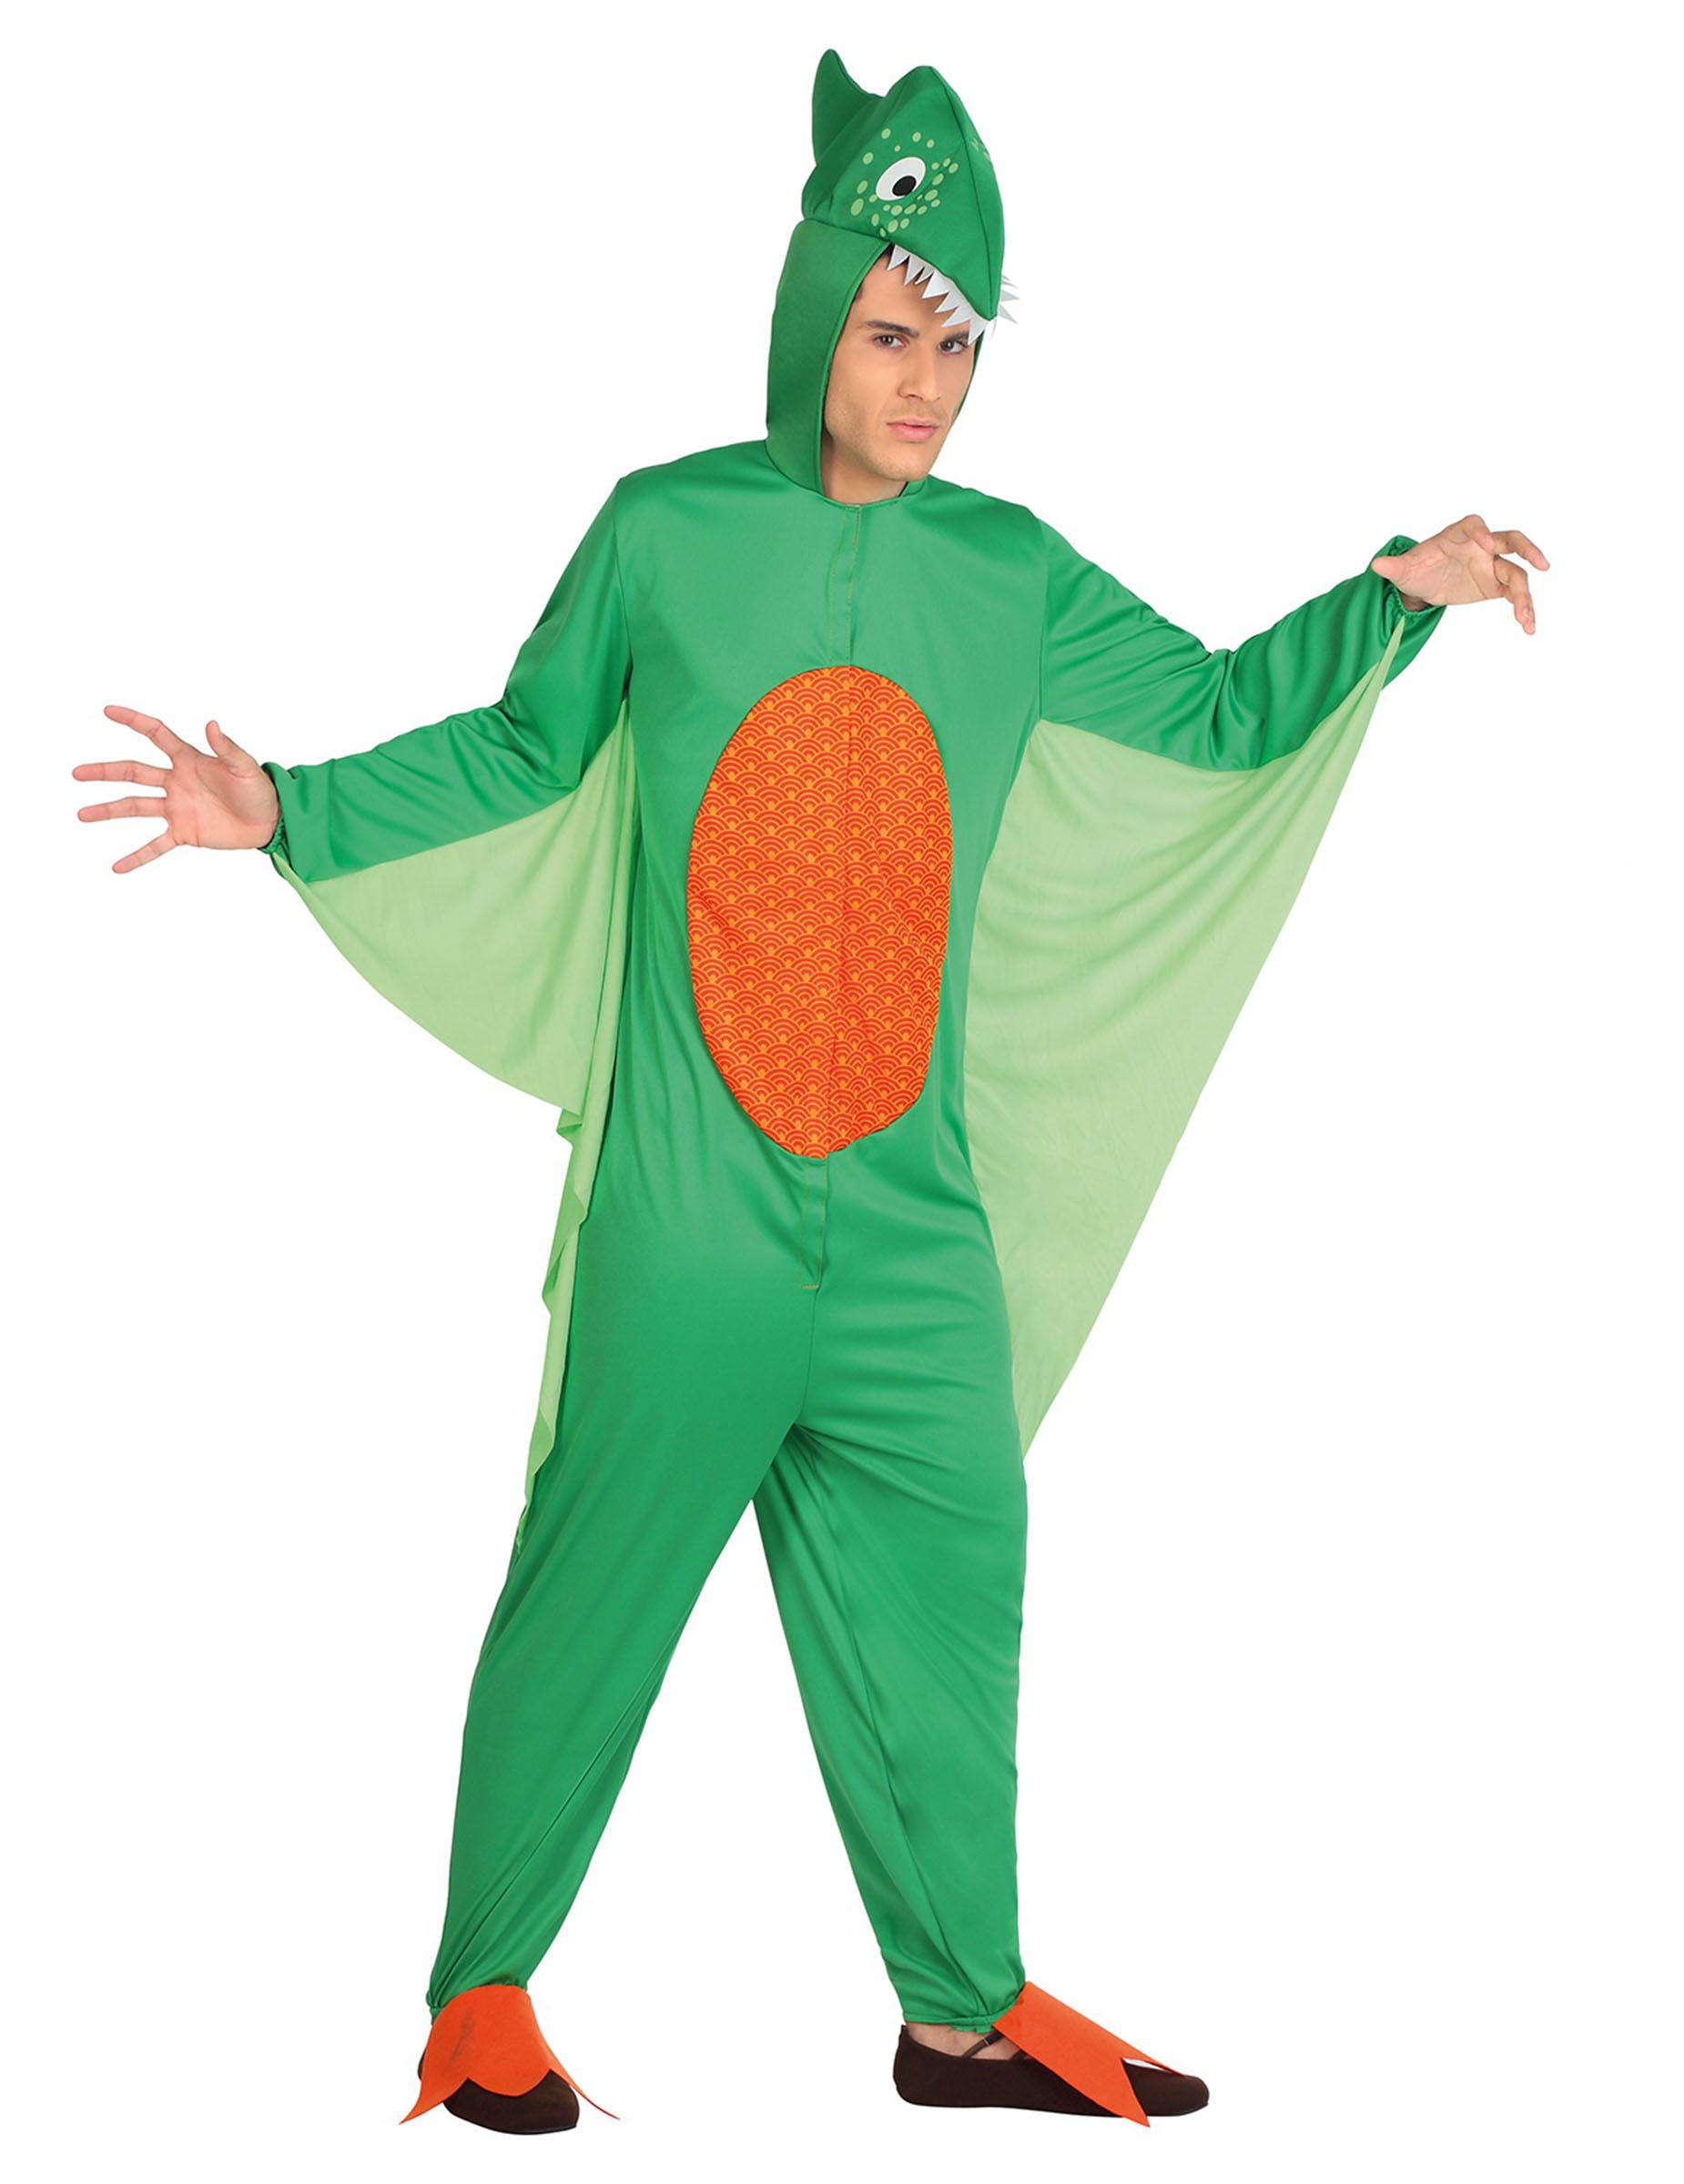 d guisement dinosaure vert et orange homme deguise toi achat de d guisements adultes. Black Bedroom Furniture Sets. Home Design Ideas